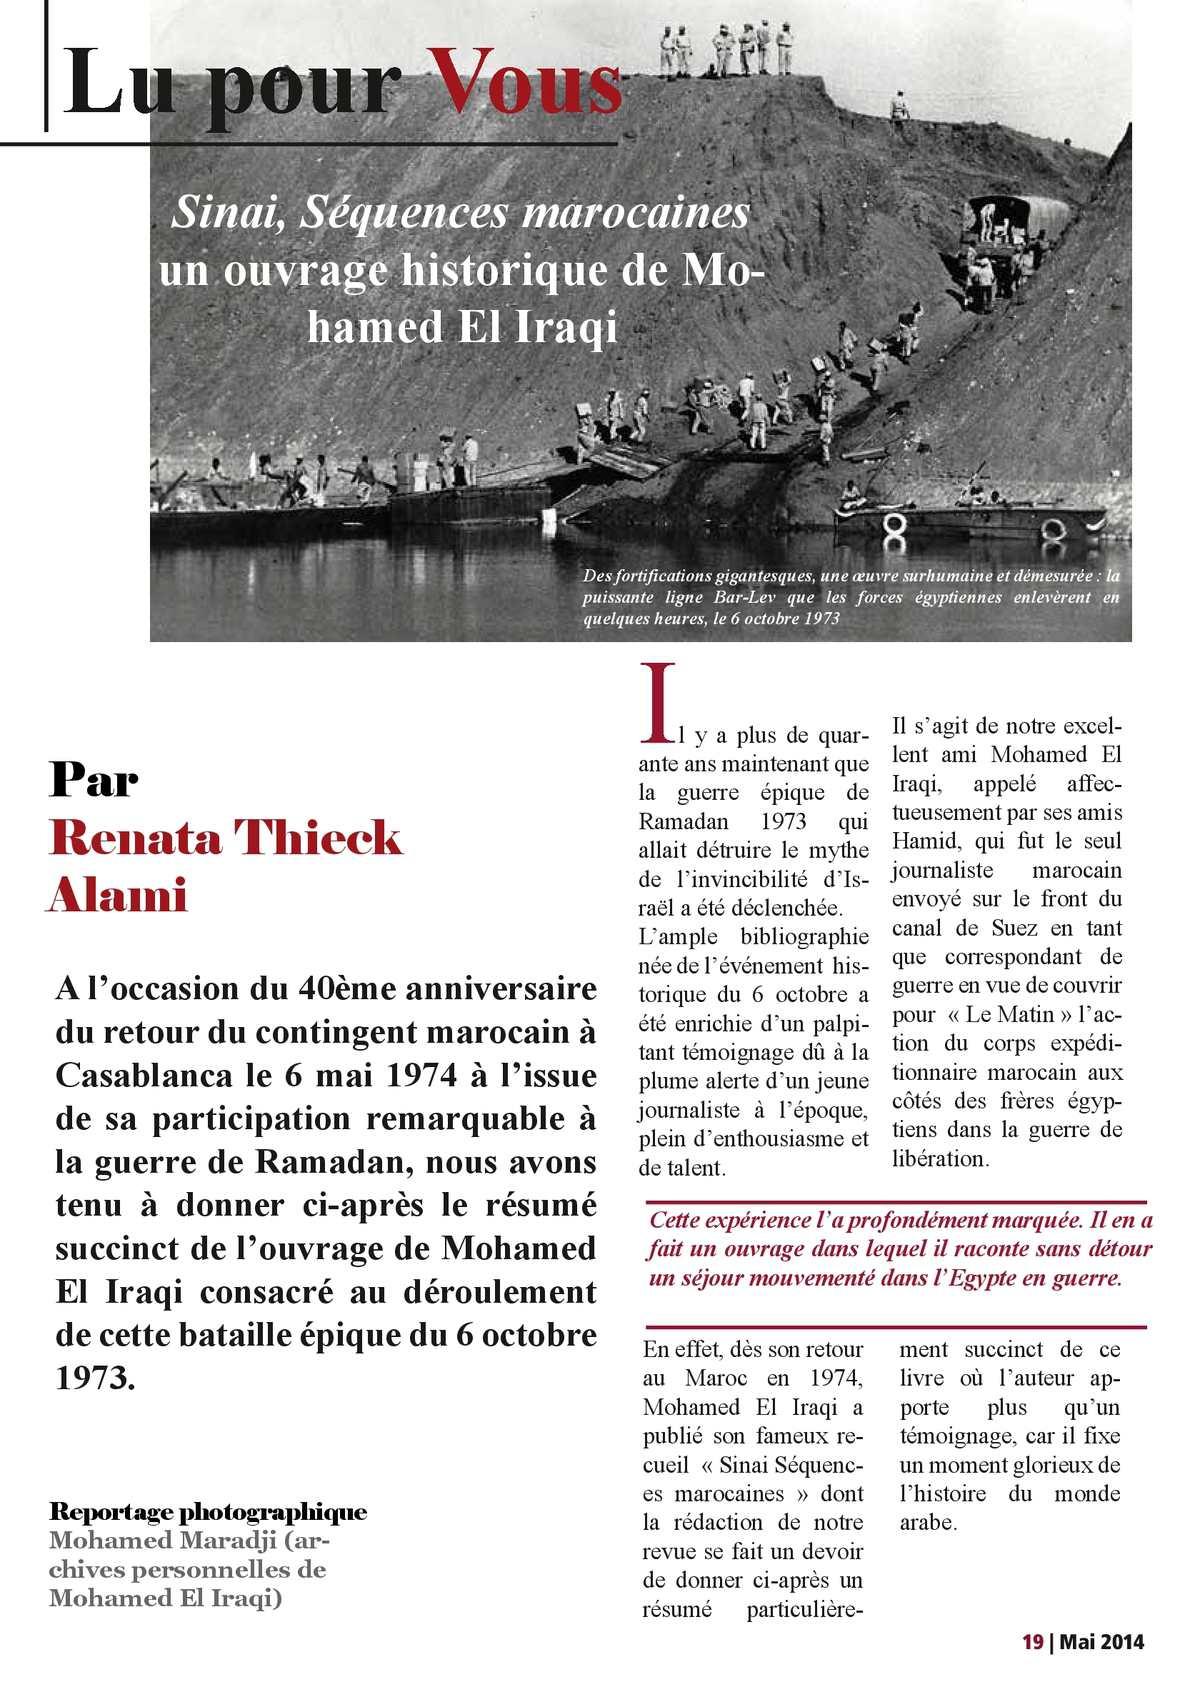 les FAR dans la Guerre d'octobre 1973 - Page 2 35363587774_db8887b5a2_o